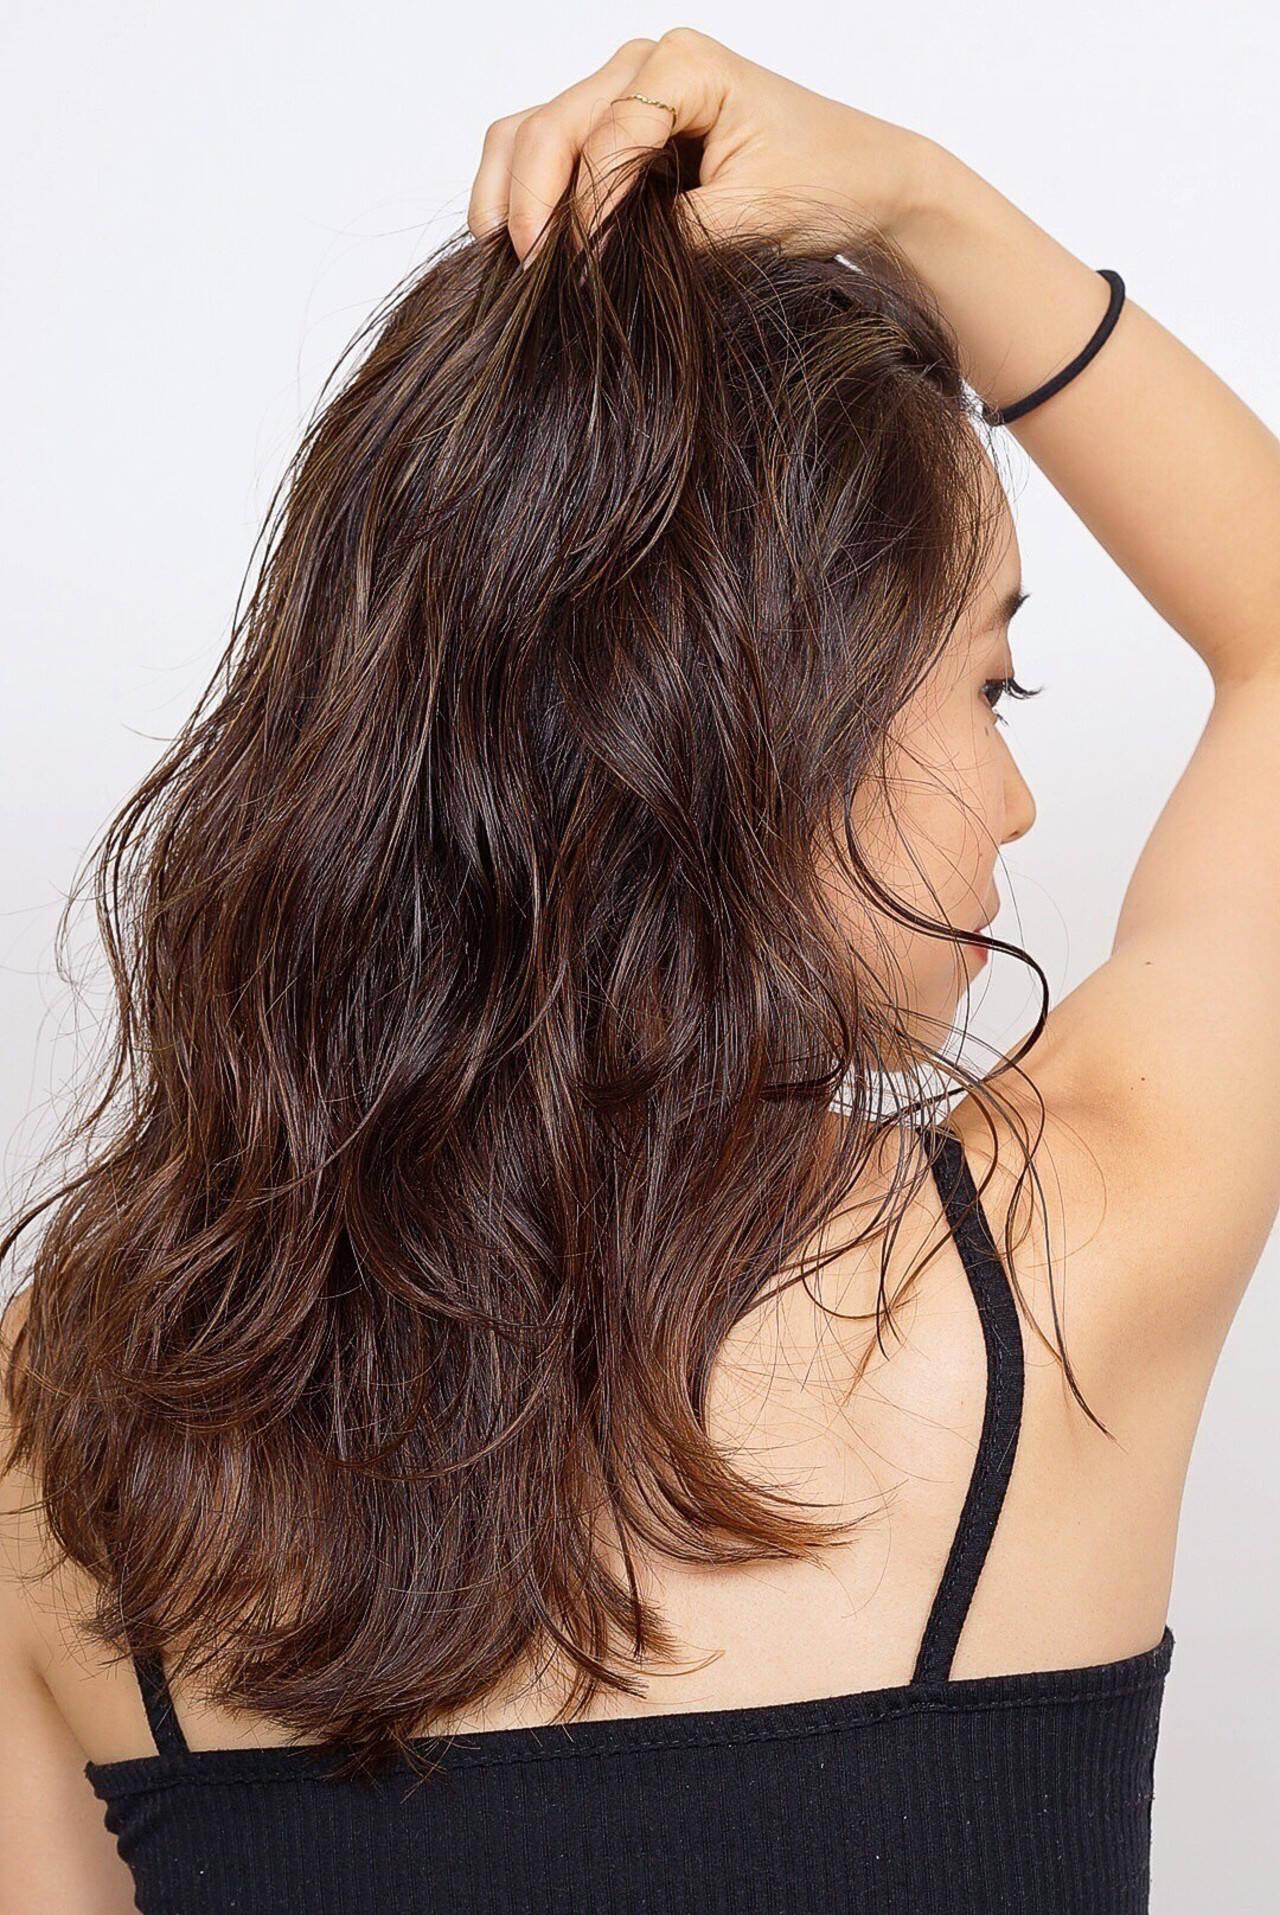 ロング 大人ロング モカブラウン まとまりヘアスタイルや髪型の写真・画像